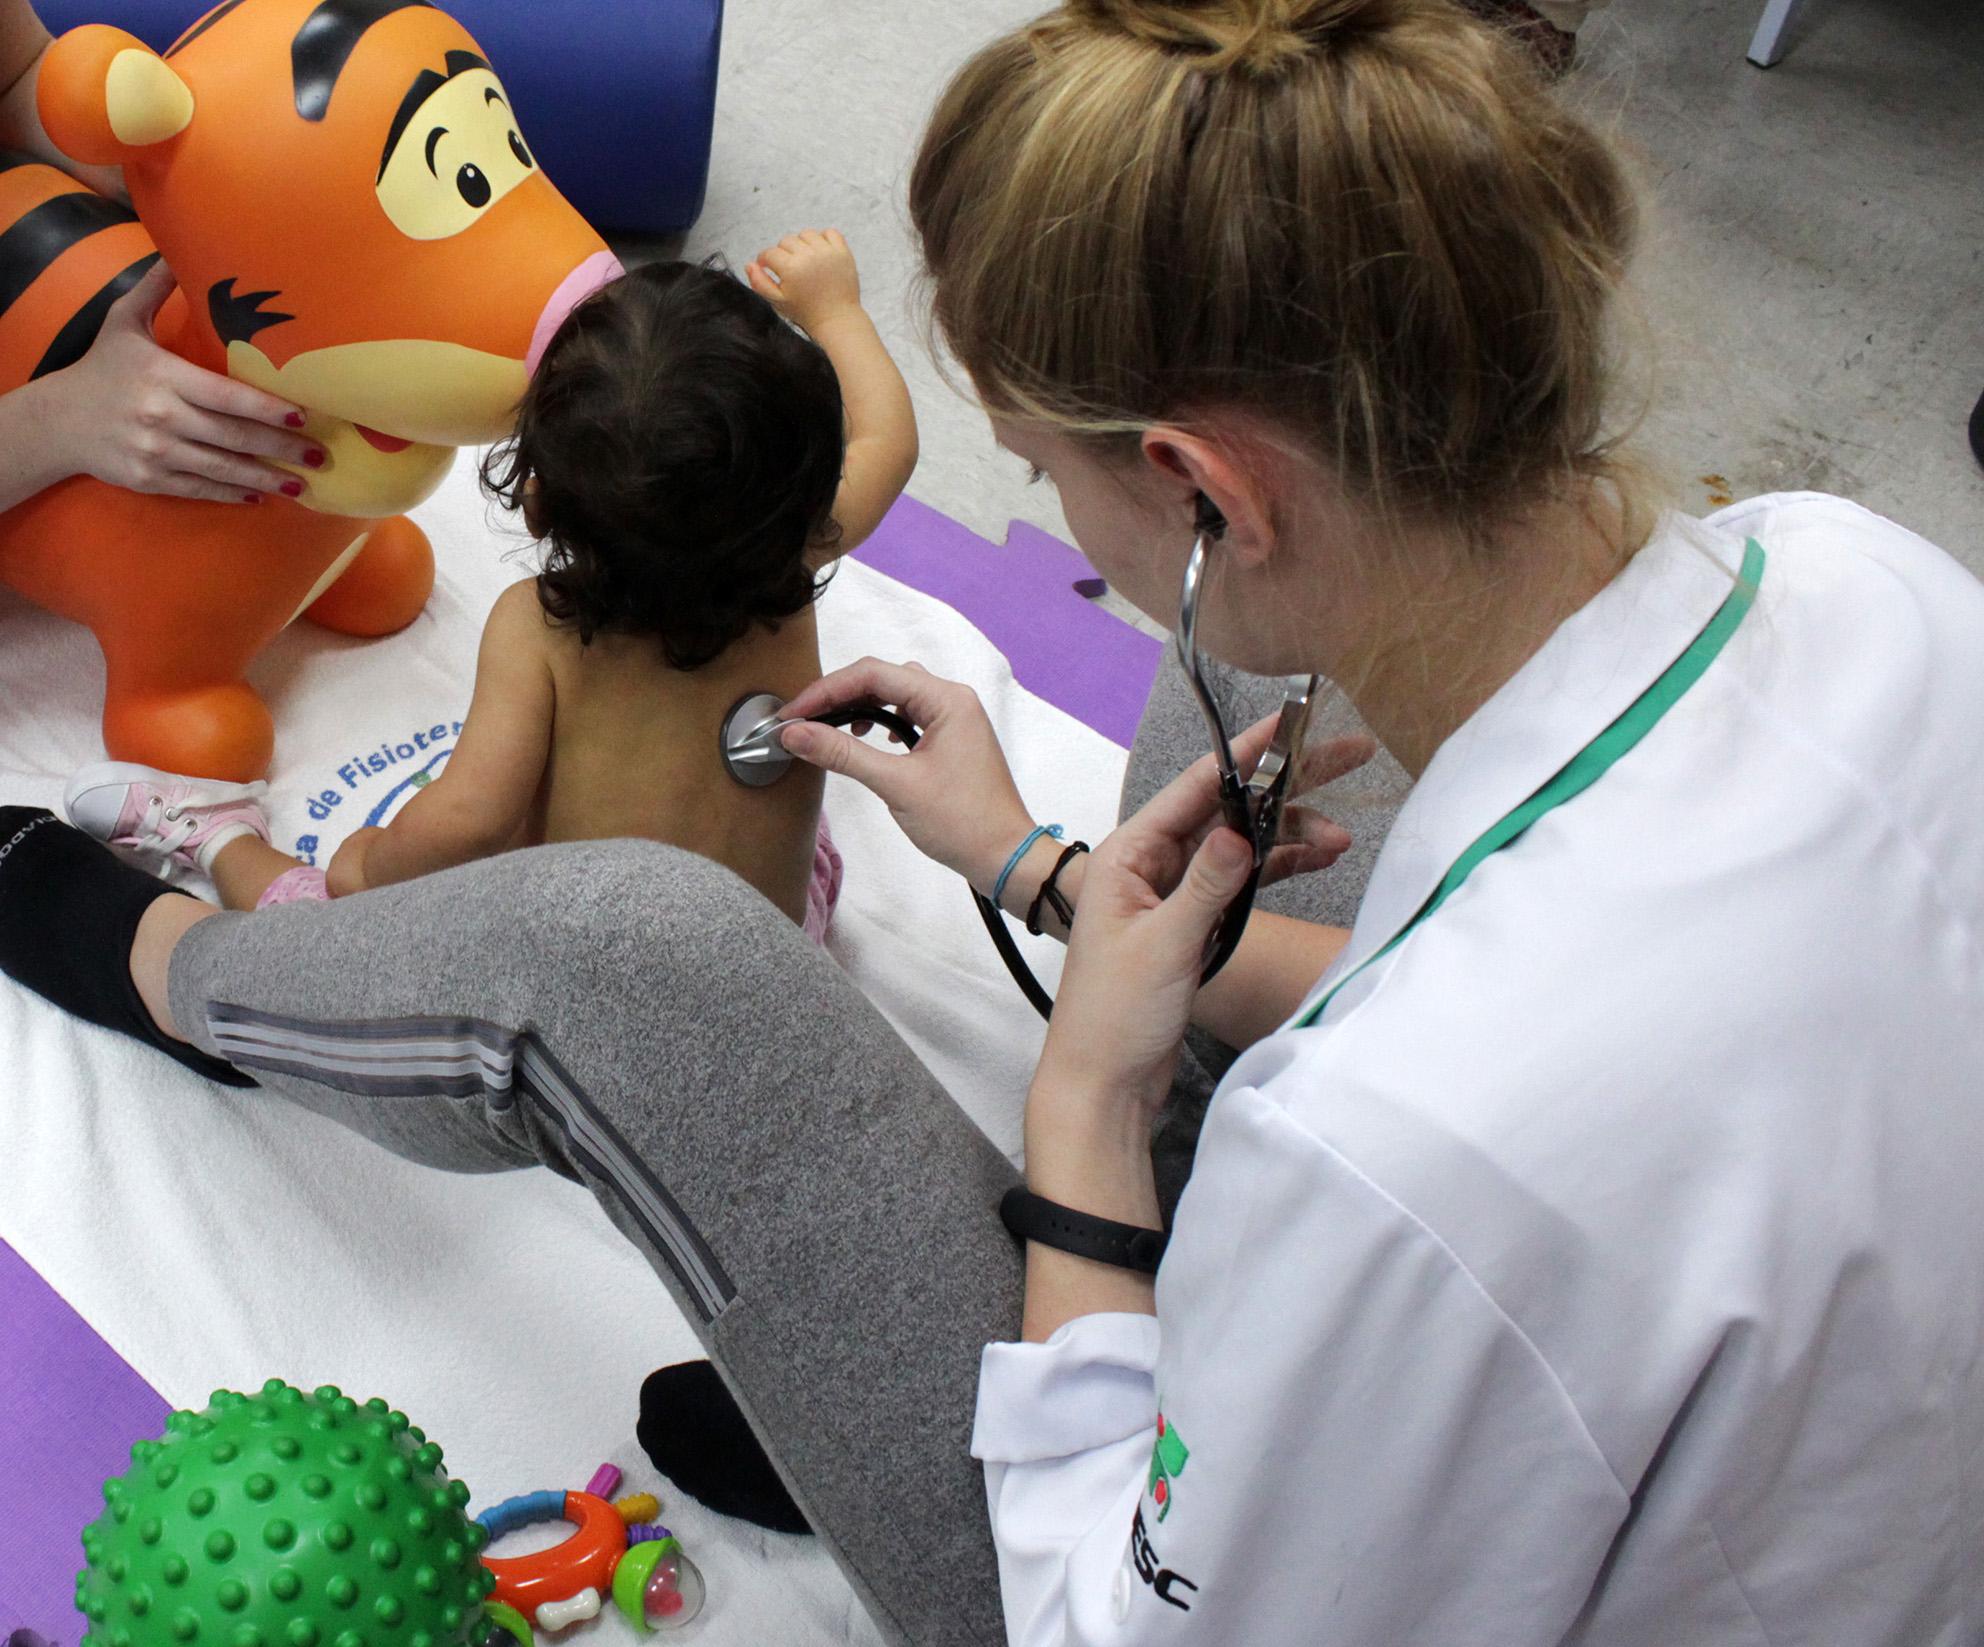 Programa desenvolvido há dez anos no centro adaptou atividades na pandemia - Foto: Karla Quint/Arquivo